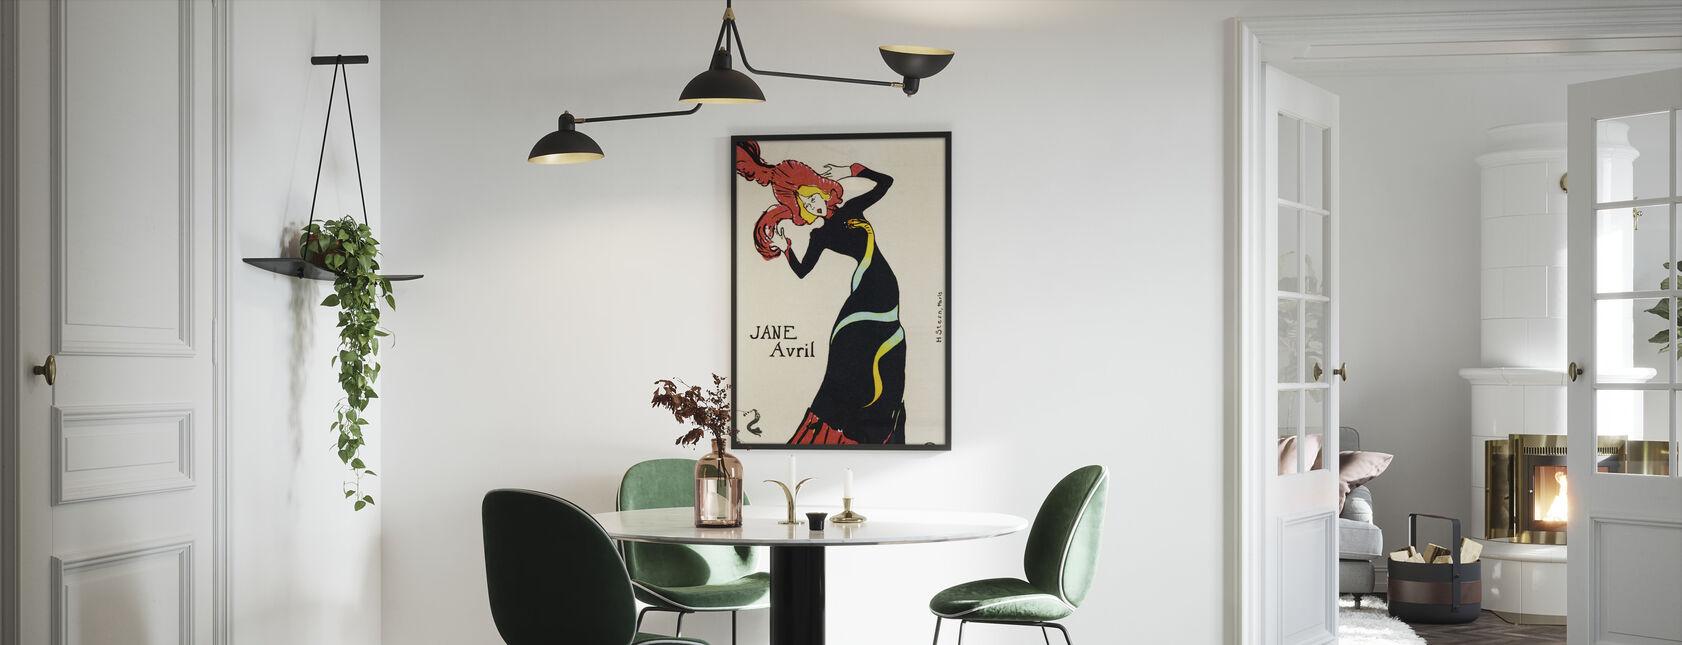 Jane Avril, Henri Toulouse Lautrec - Innrammet bilde - Kjøkken